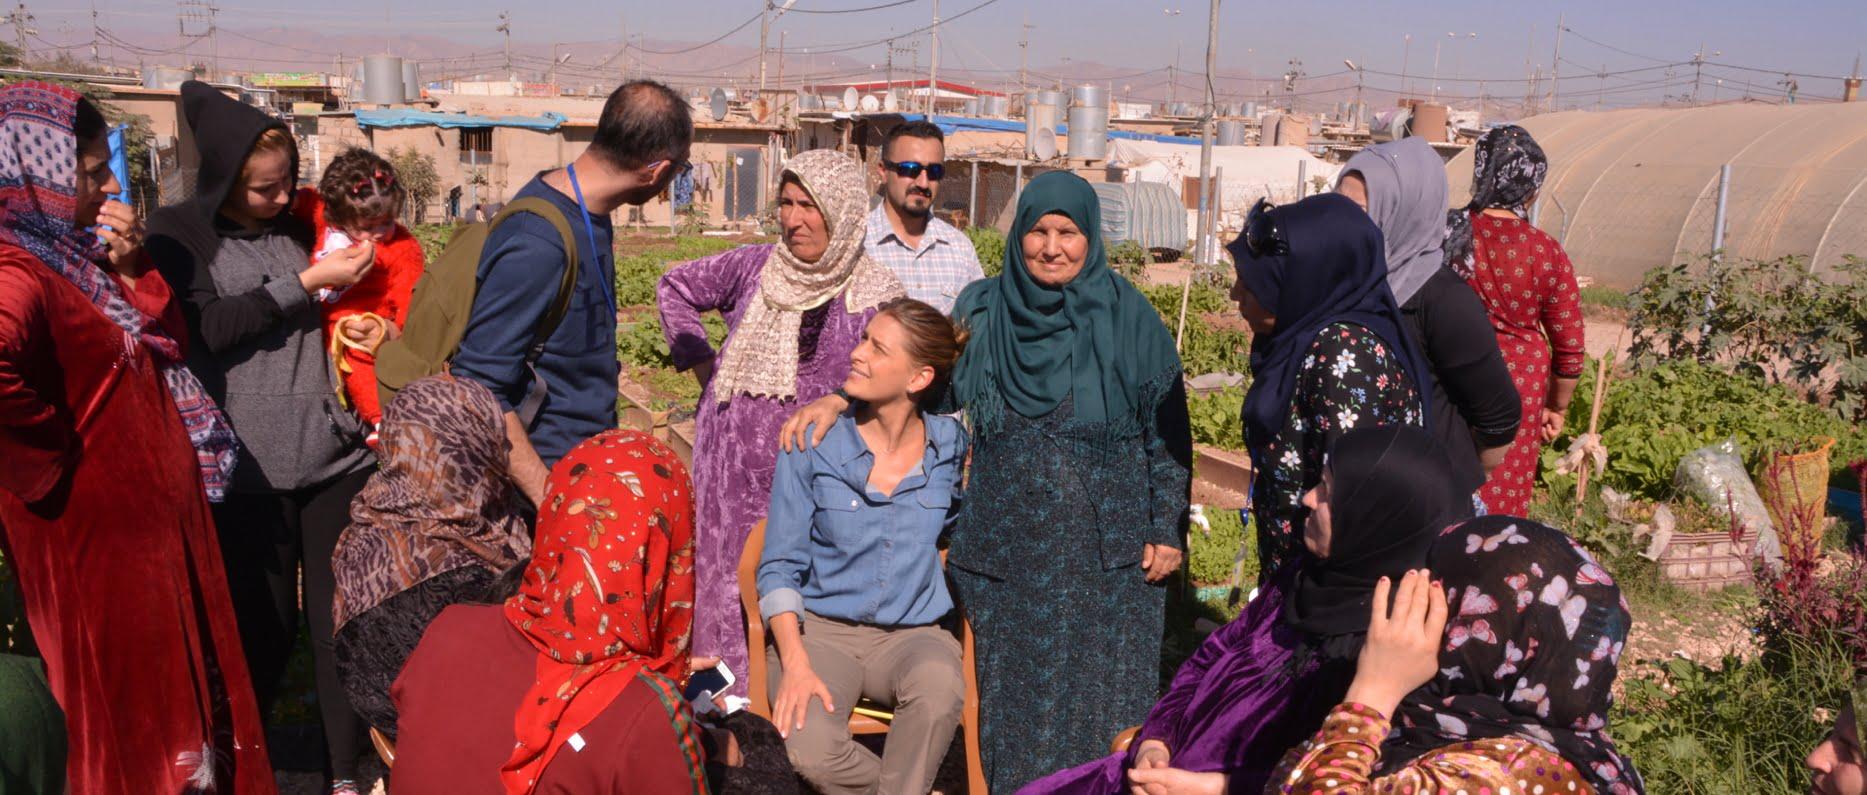 Community gardeners meet Tatiana Blatnik